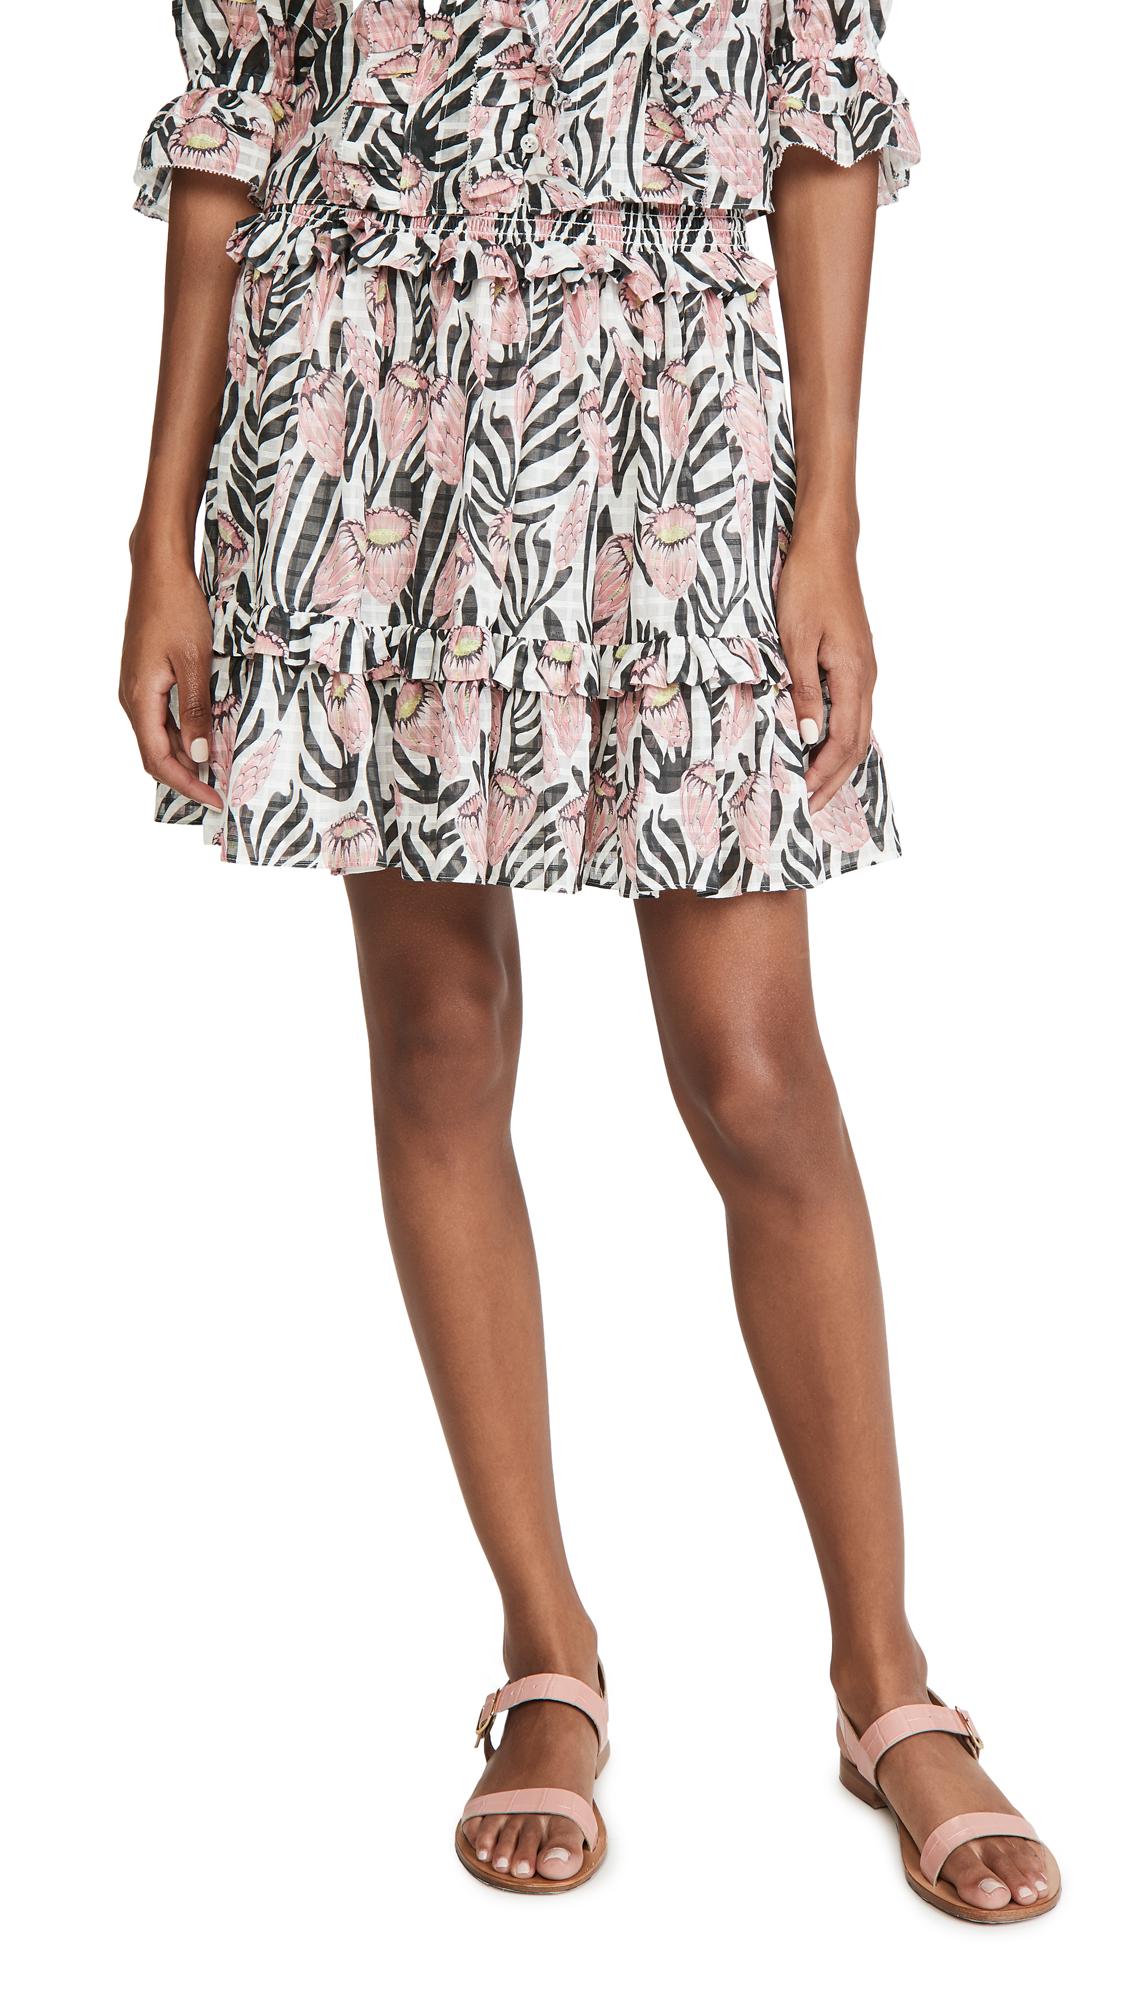 Temperley London Reef Skirt